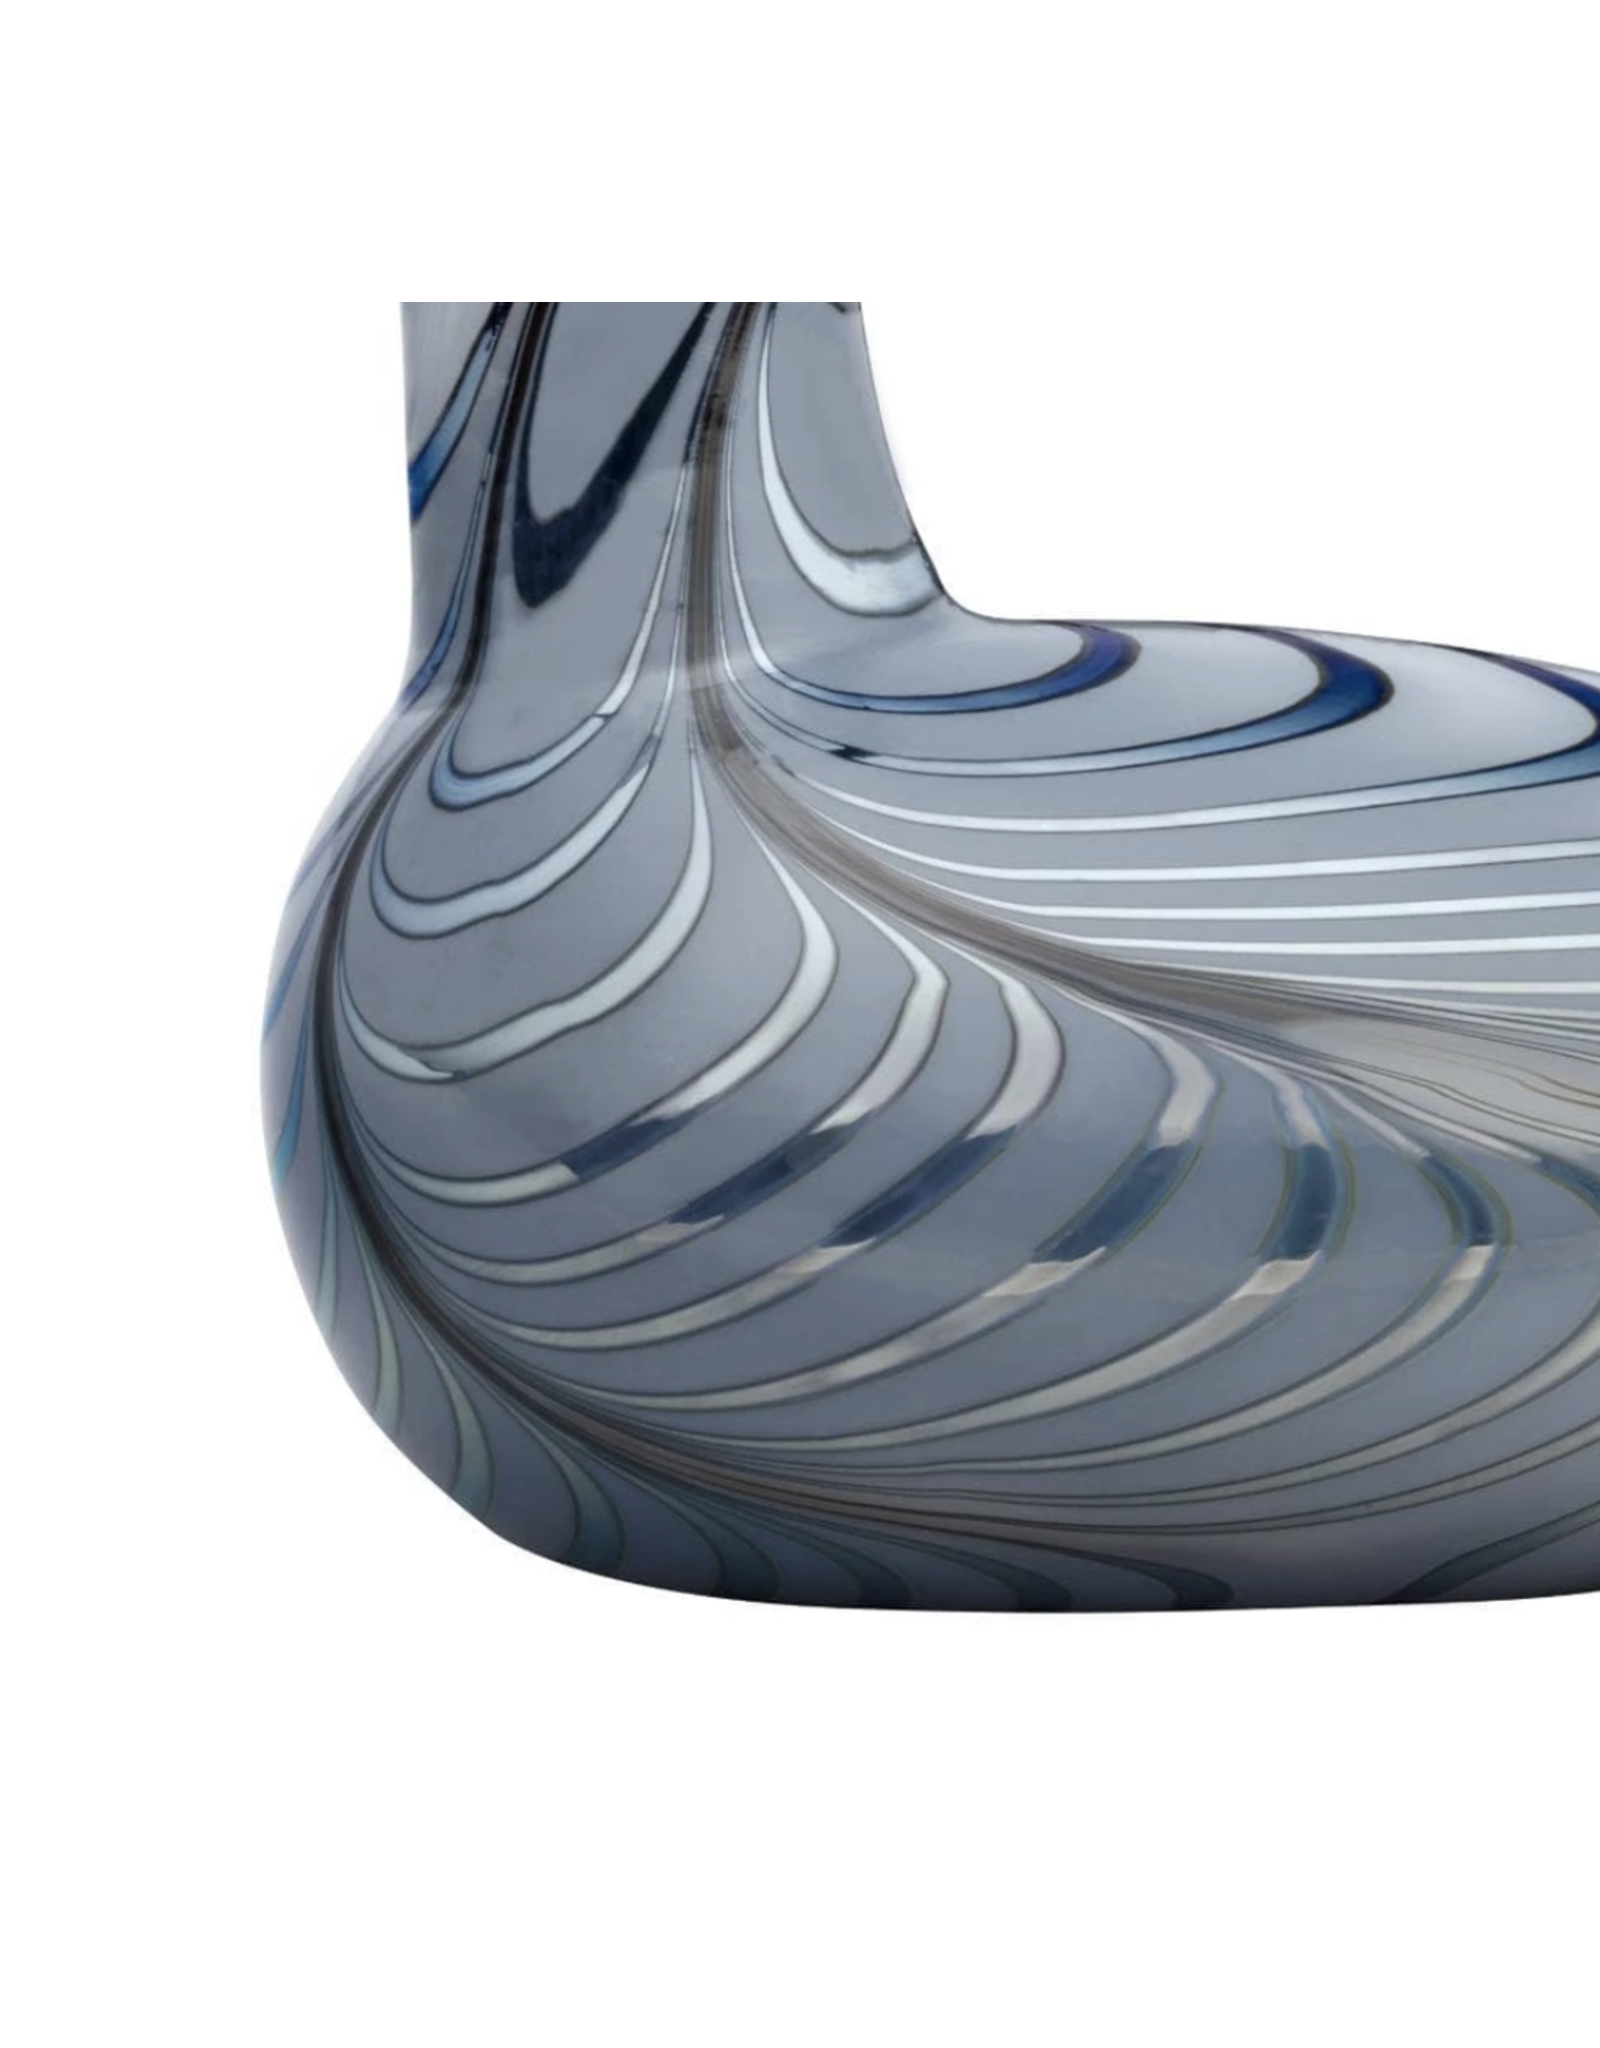 IITTALA 2019年度 VUONO 玻璃鳥